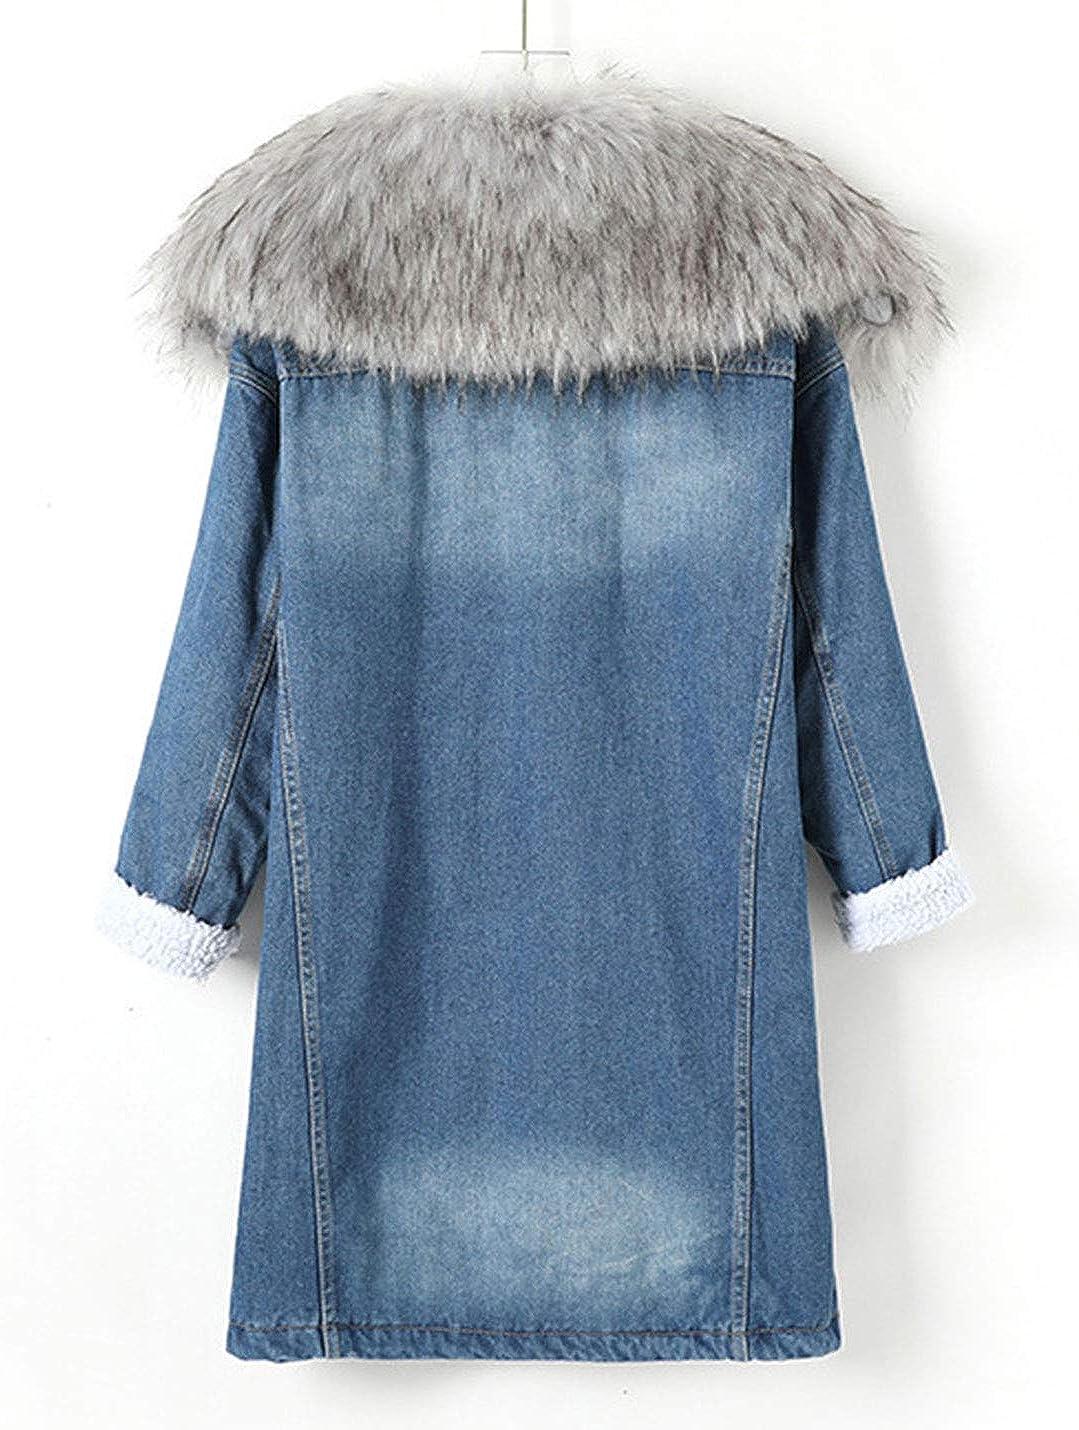 Omoone Women's Loose Warm Mid Long Fleece Lined Denim Jacket Trench Coat